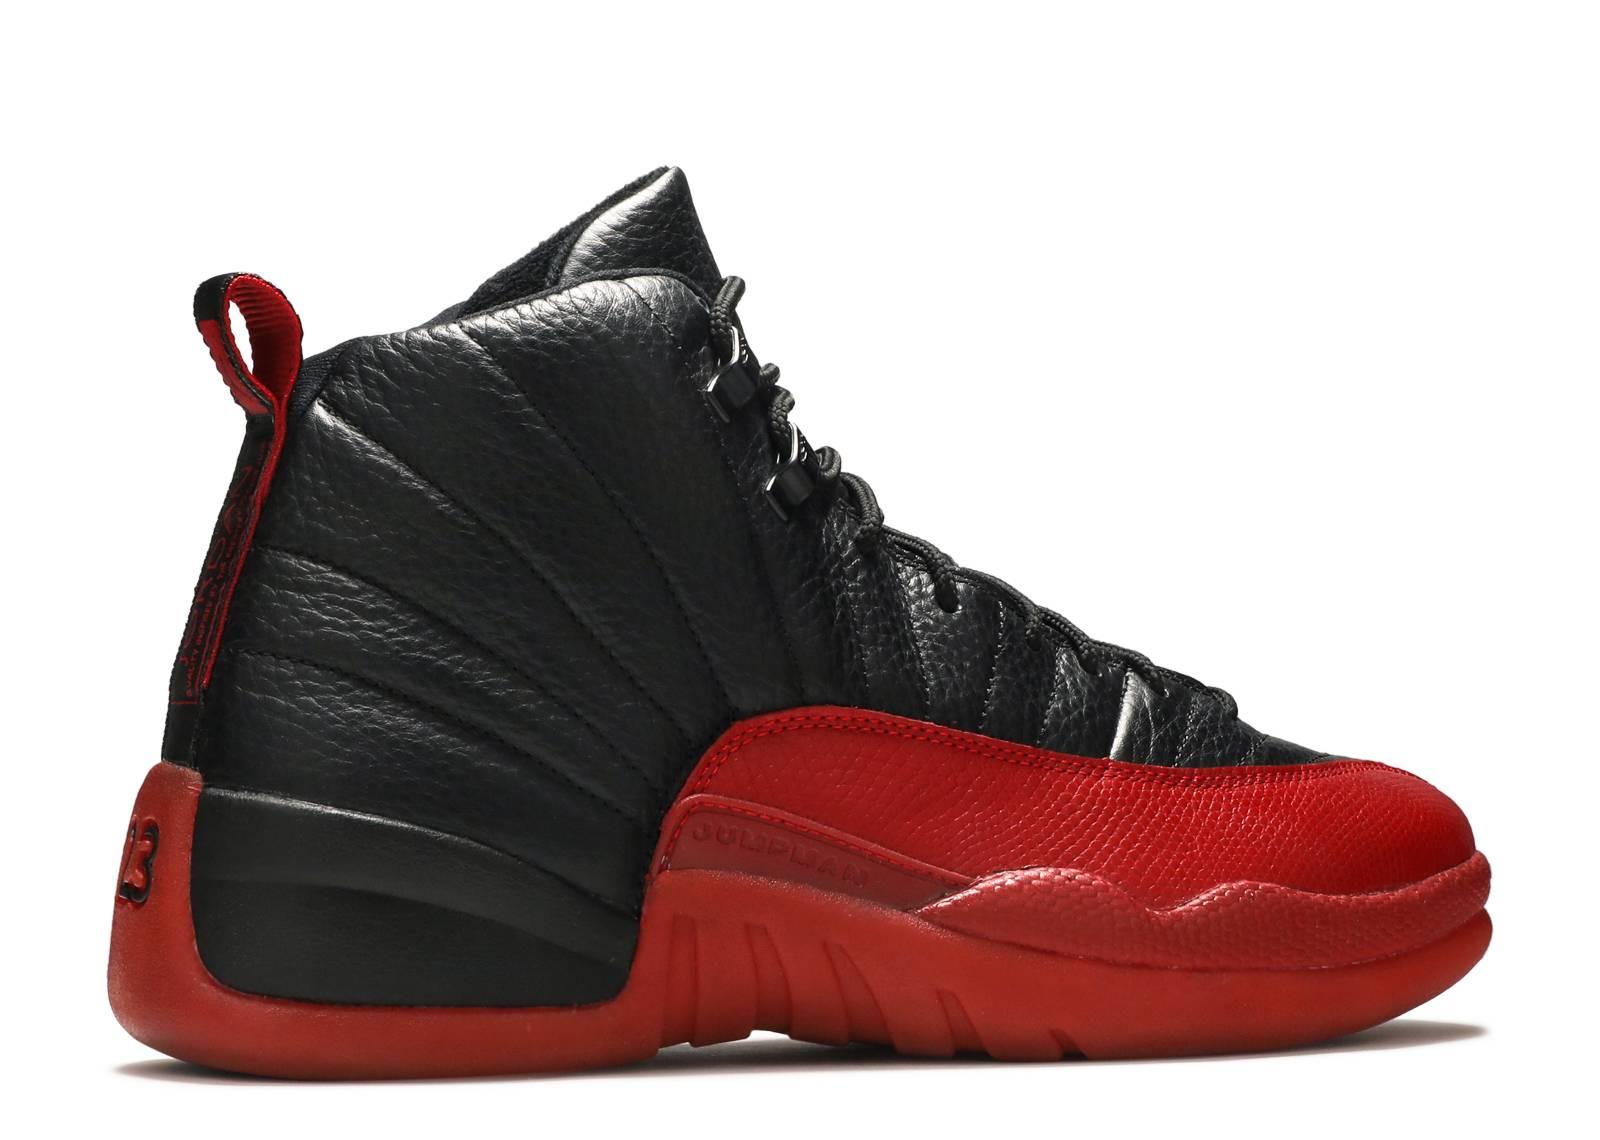 821b388e8753 Air Jordan 12 Retro - Air Jordan - 136001 063 - black varsity red ...